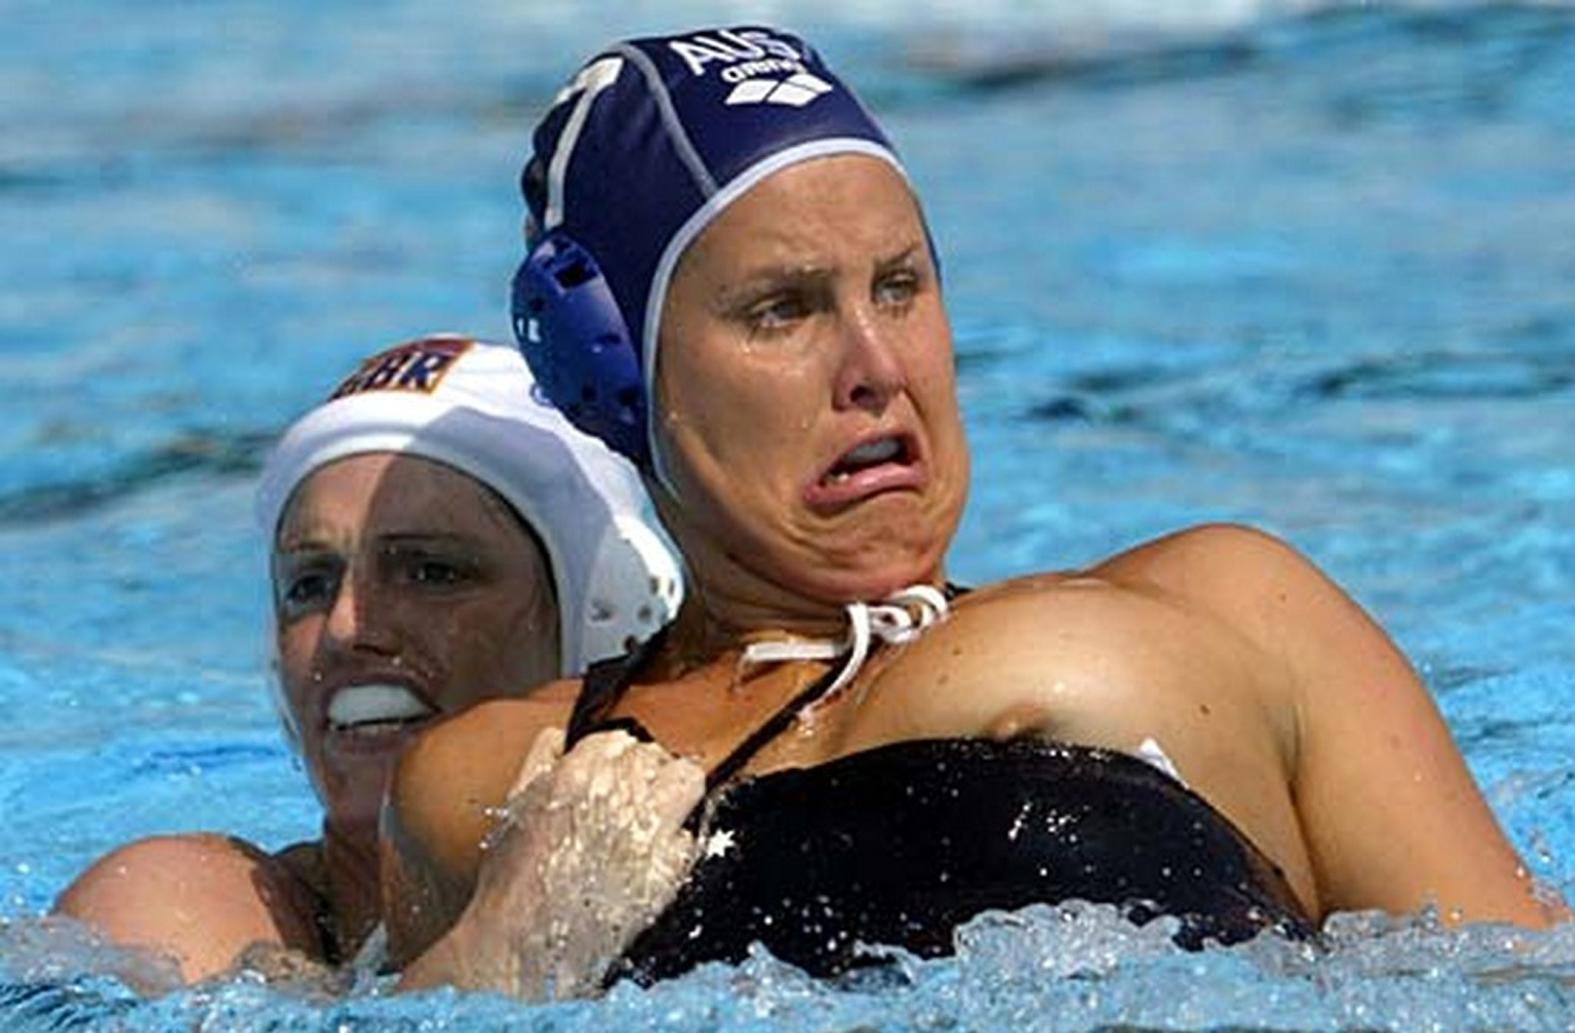 Сучайные эротические моменты в спорте 12 фотография